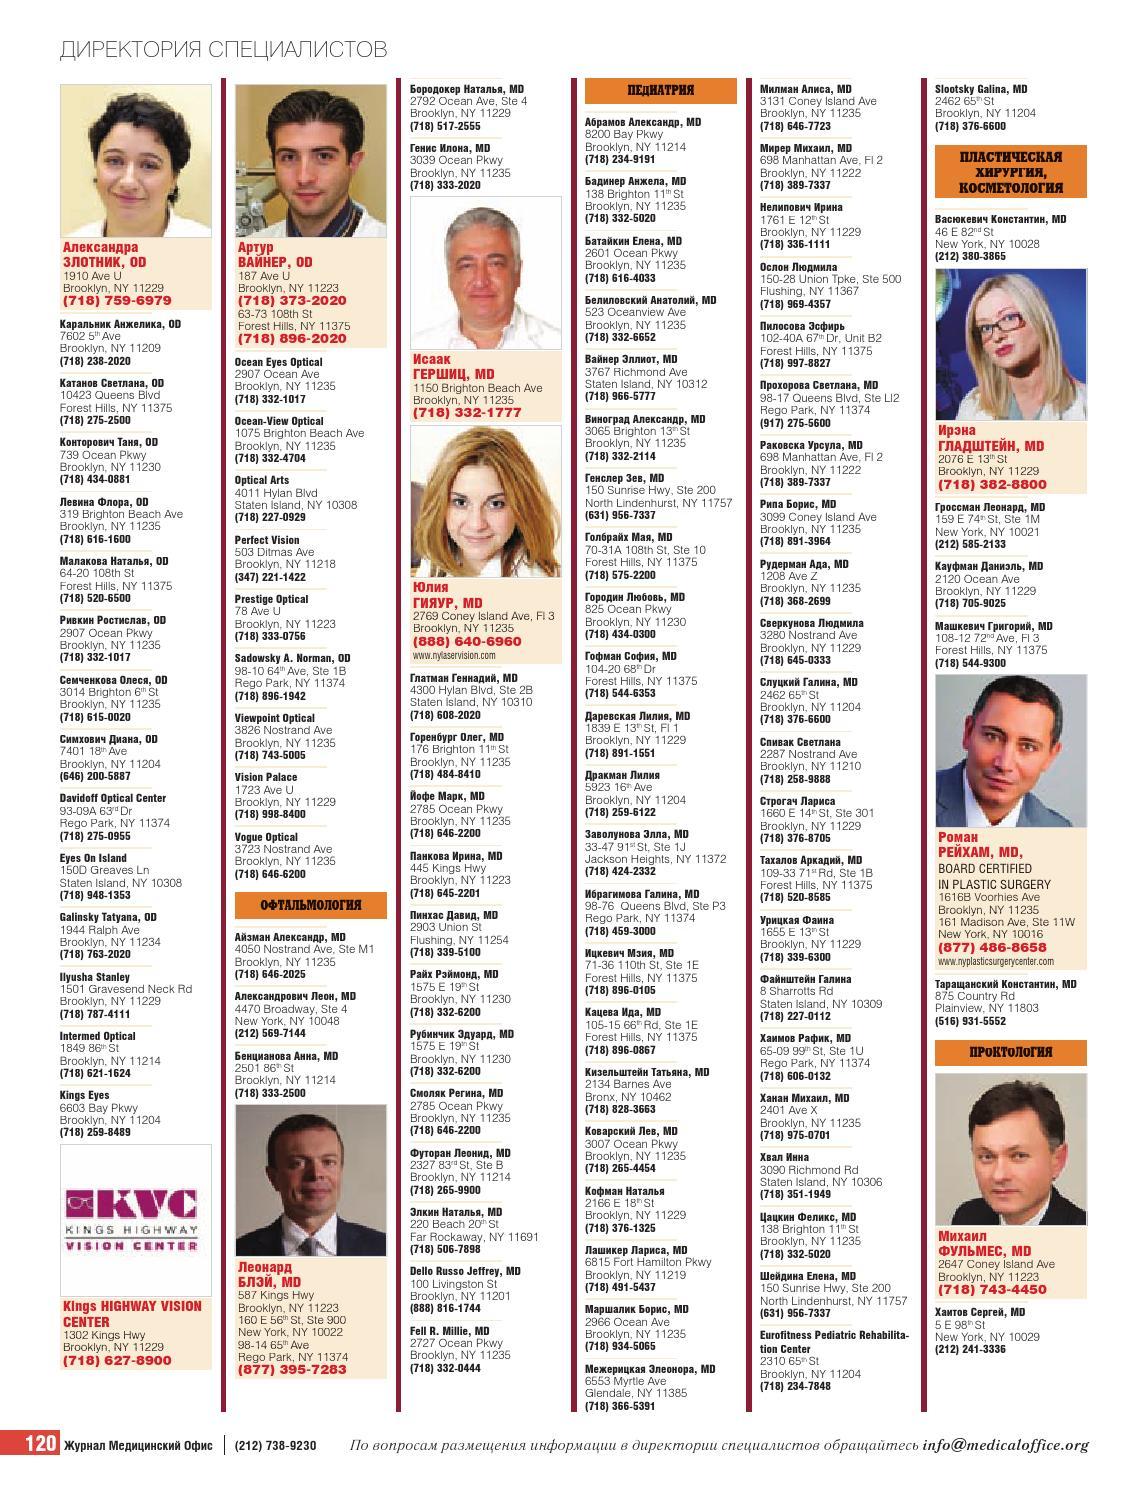 Medical Office Magazine #183 by MOO Publishing - issuu